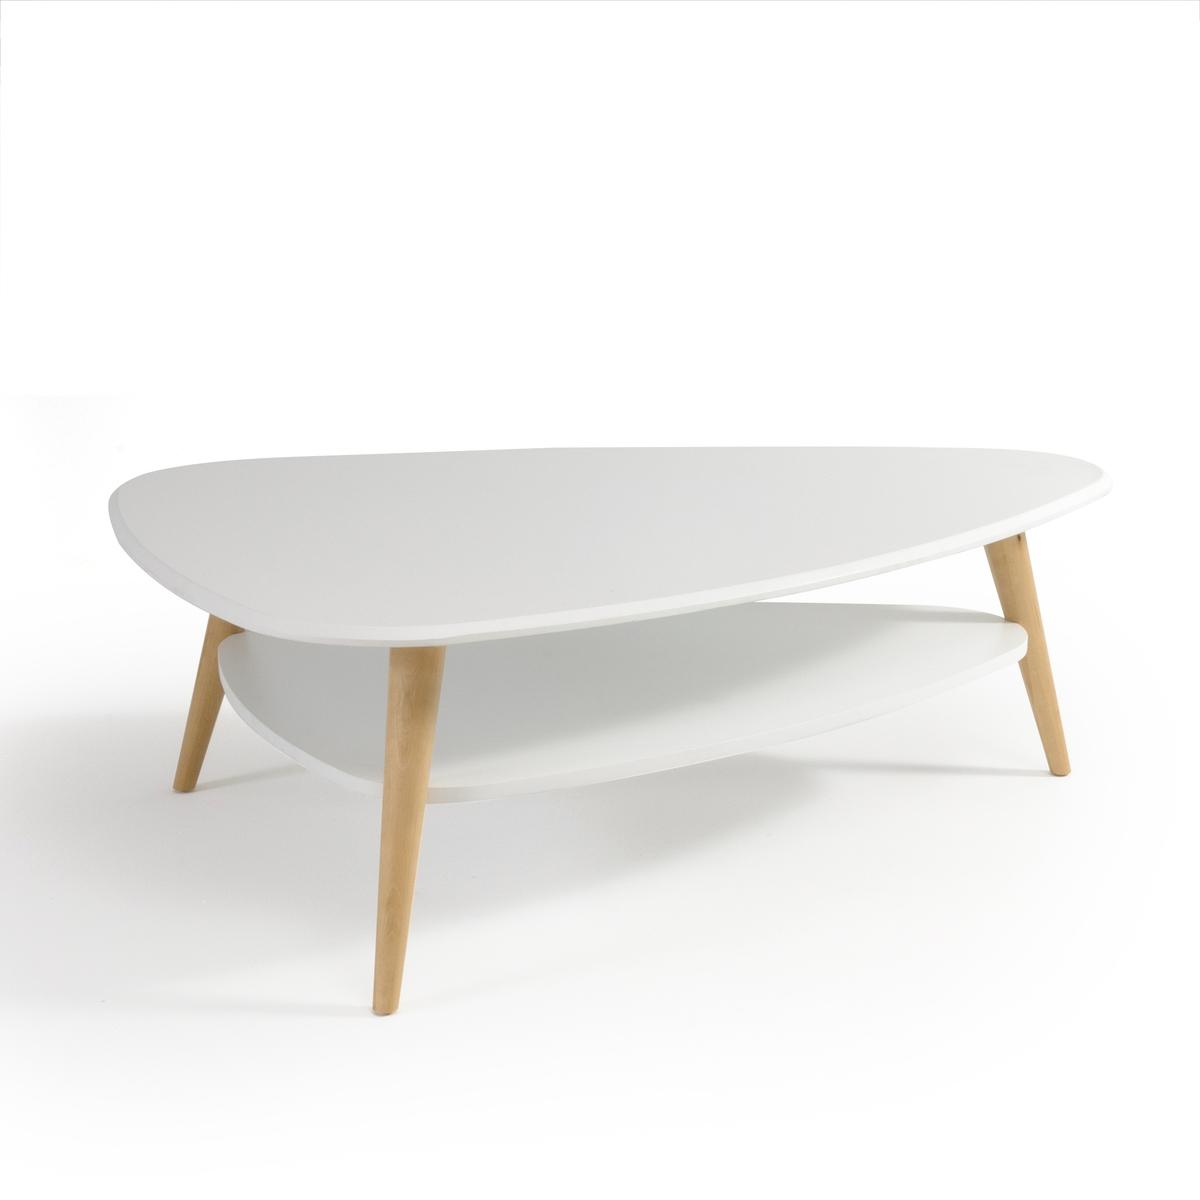 Столик La Redoute Журнальный с столешницами в винтажном стиле JIMI единый размер белый стол la redoute обеденный с удлинением персон jimi 10 персоны белый